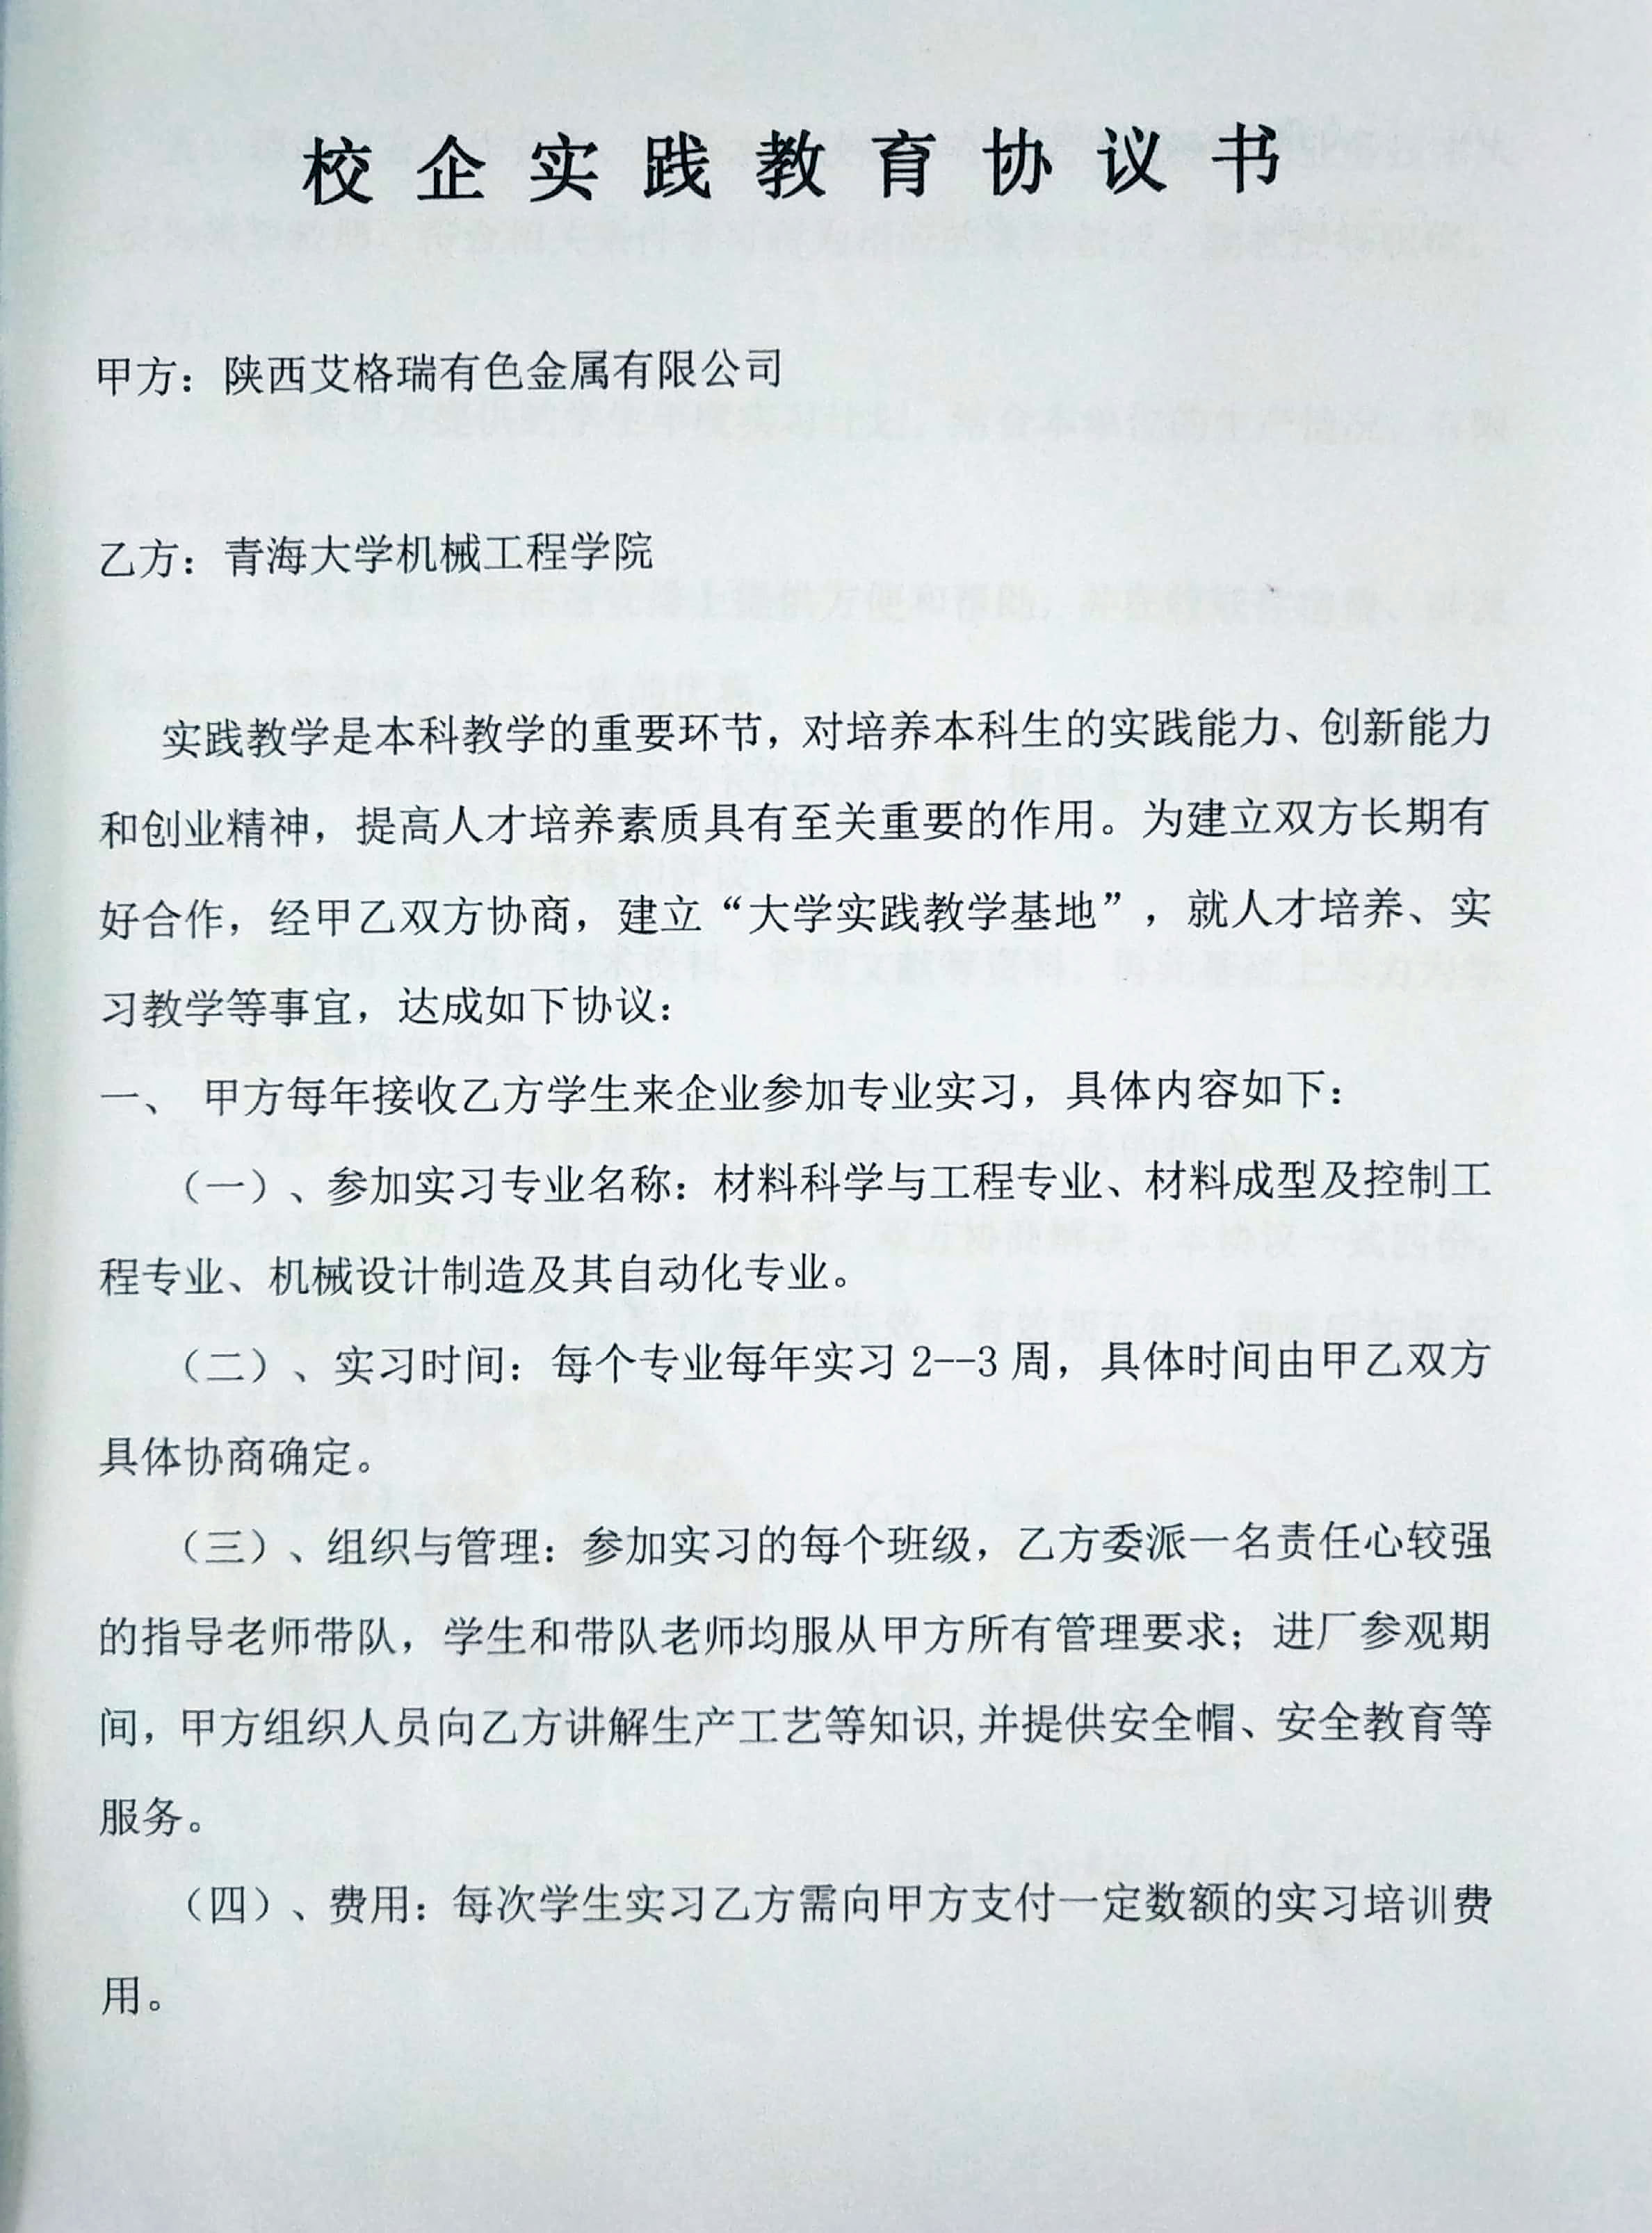 校企实践见教育协议书-2